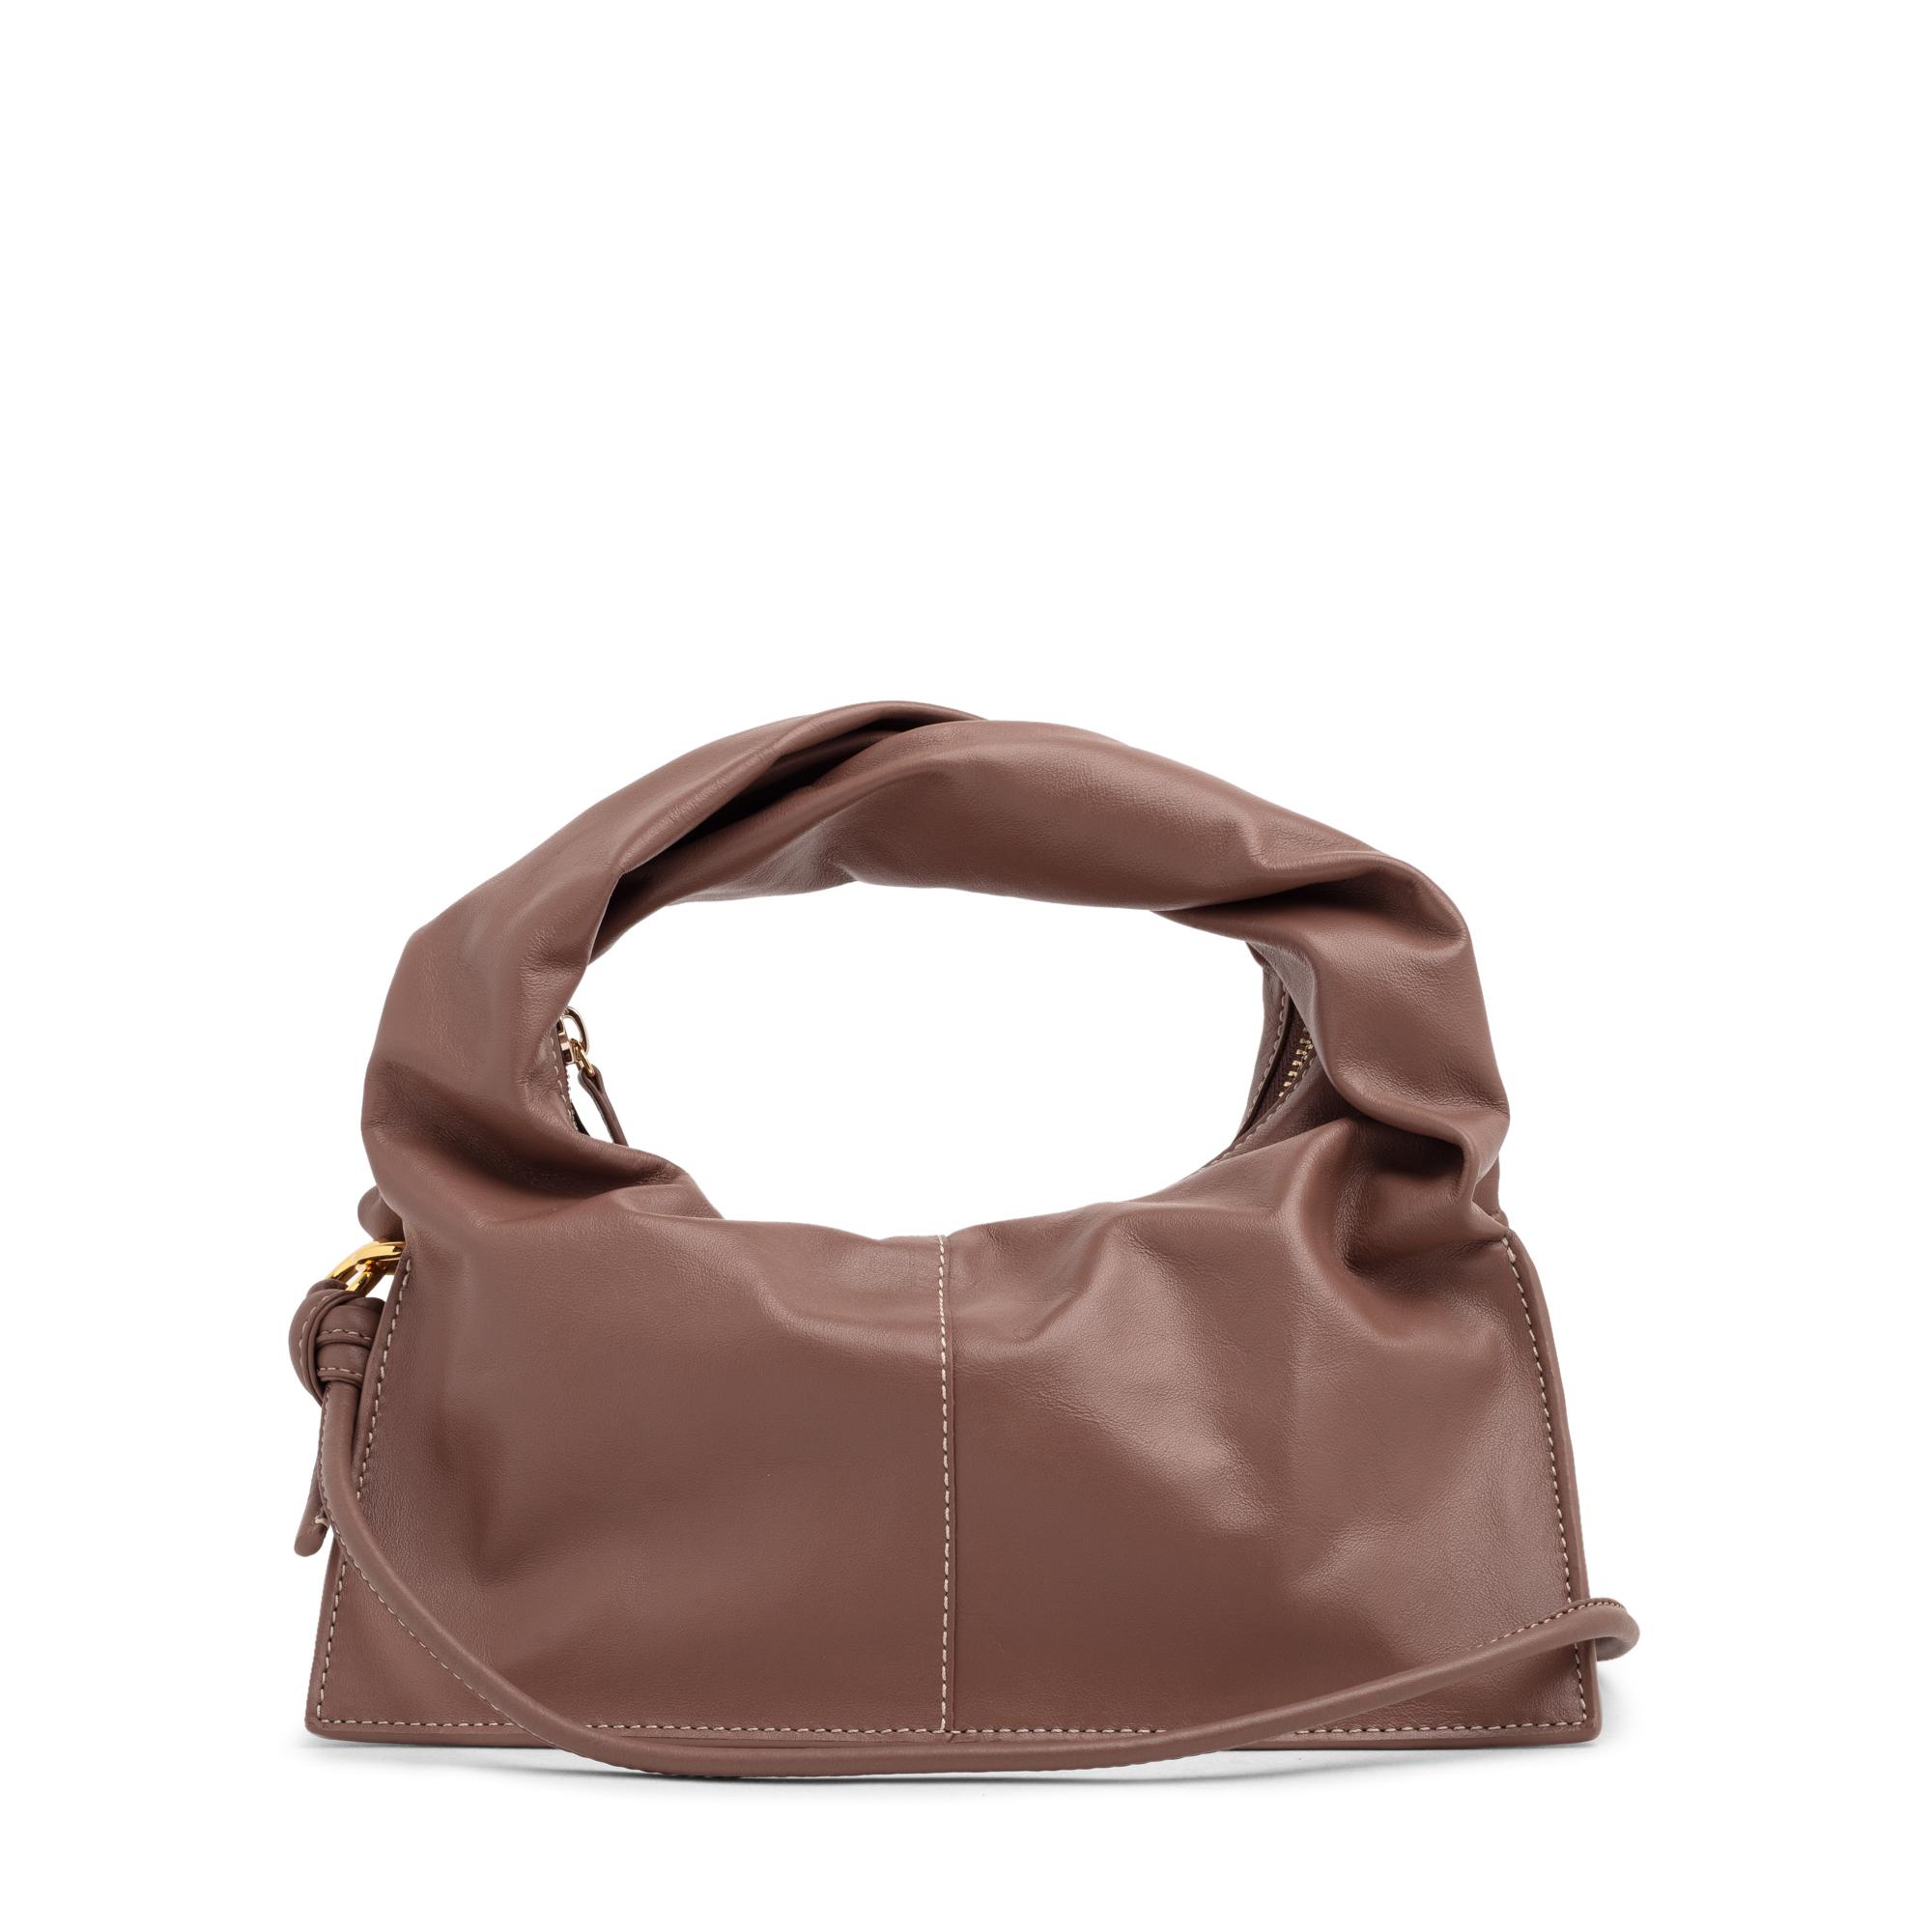 Wonton shoulder bag